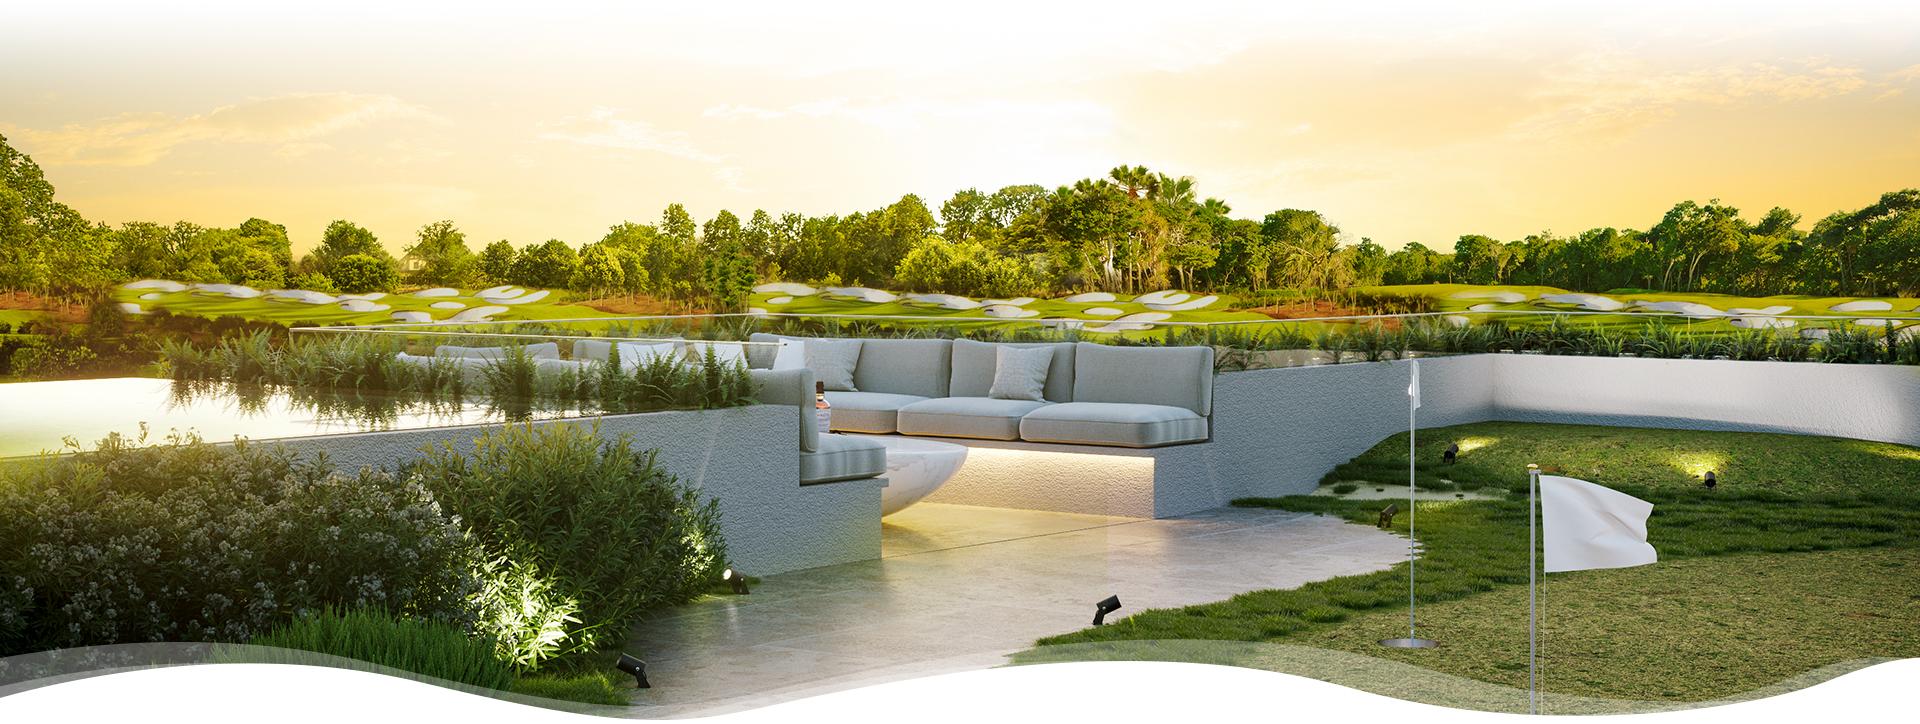 Biệt thự biển sân golf 2020 21